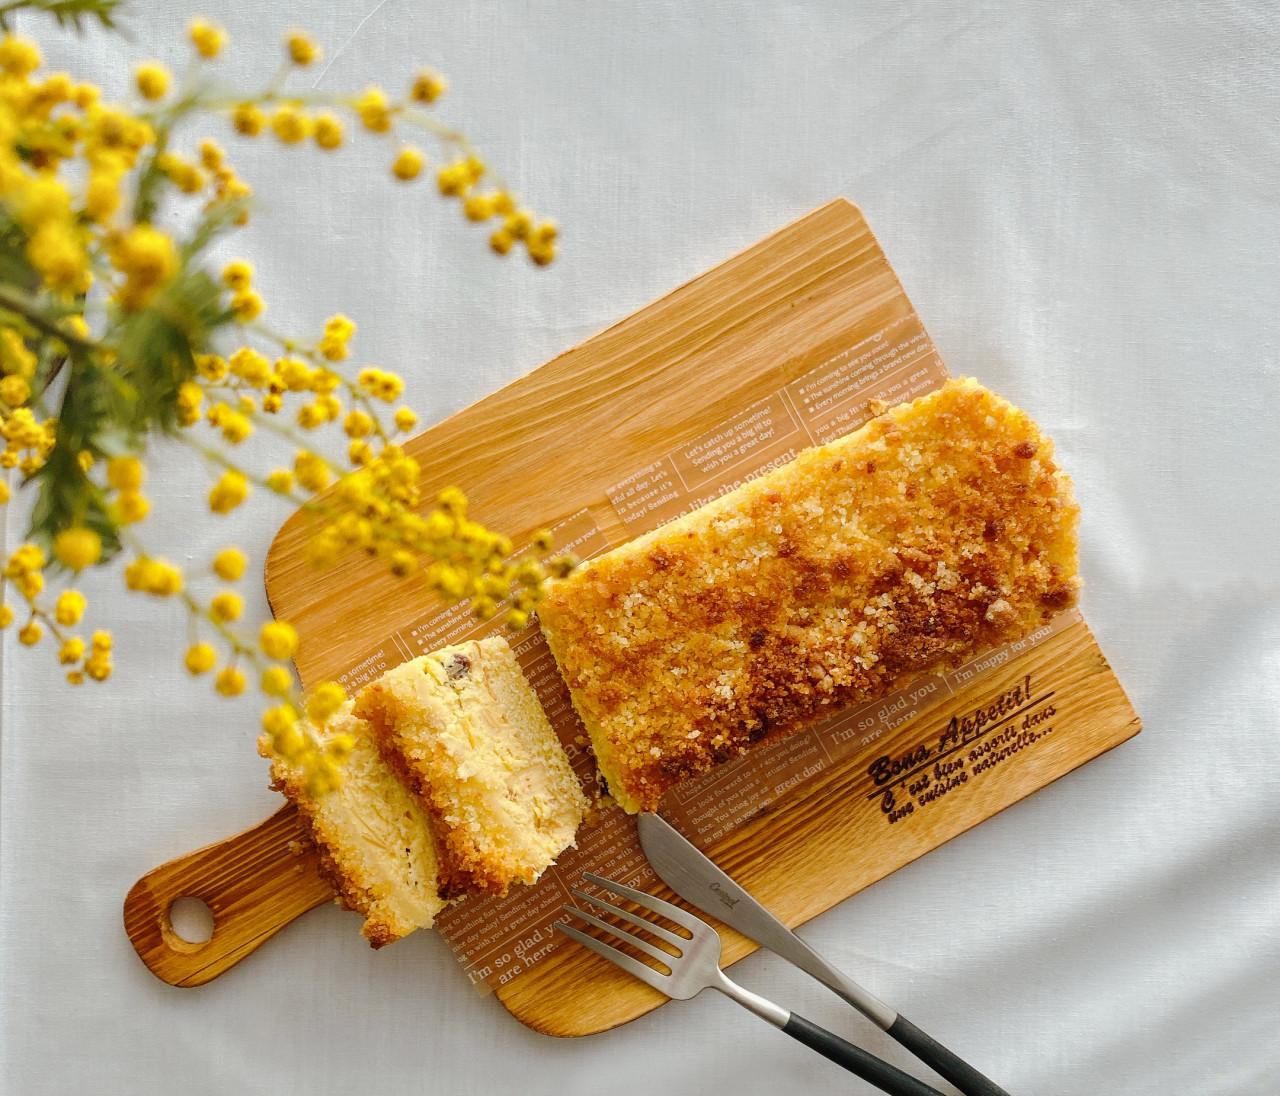 成城石井で一番売れてる!自家製プレミアムチーズケーキ★おすすめアレンジも【元フードバイヤーmanamiのコスパなフード&スイーツ】